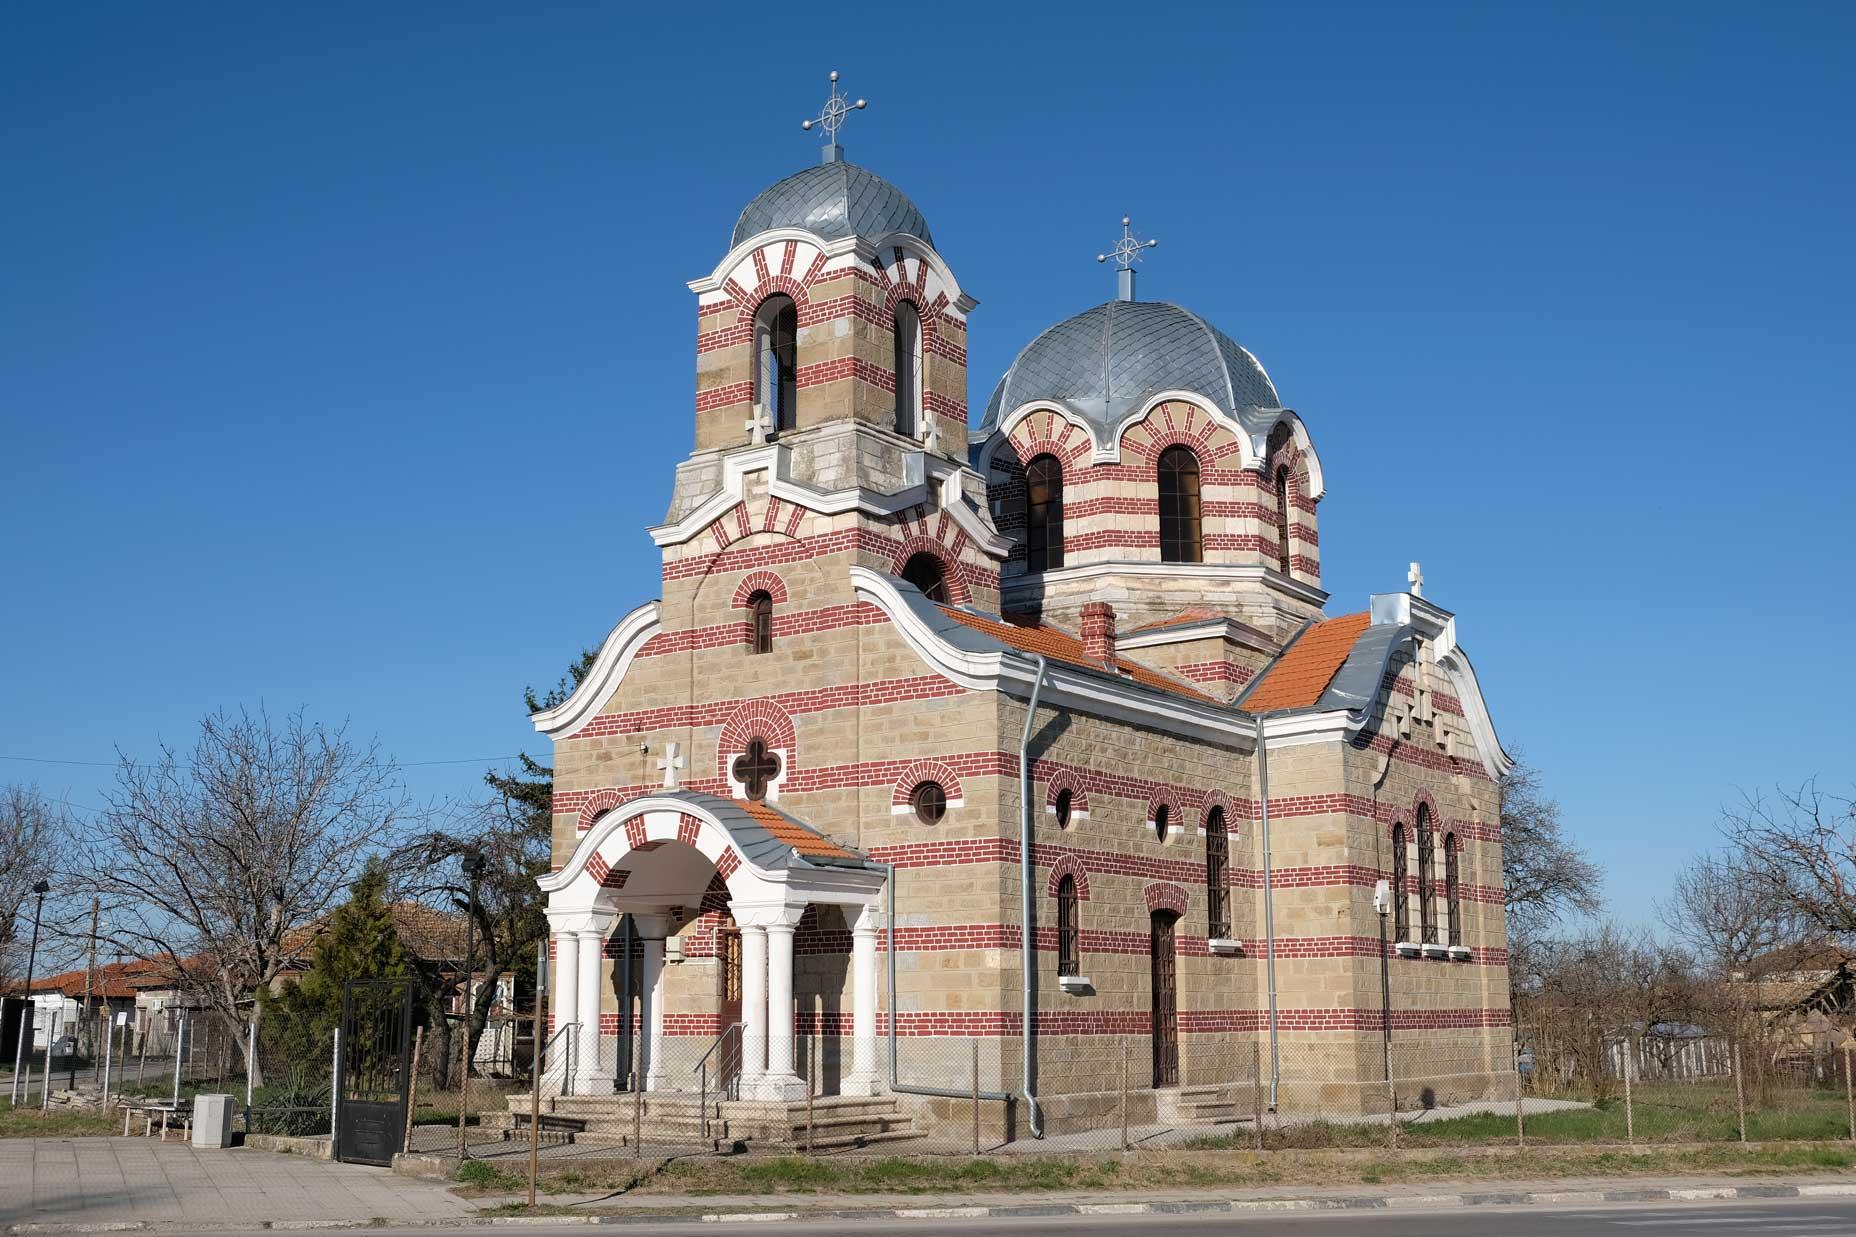 Die schöne Dreifaltigkeitskirche in Vabel bei Targowischte